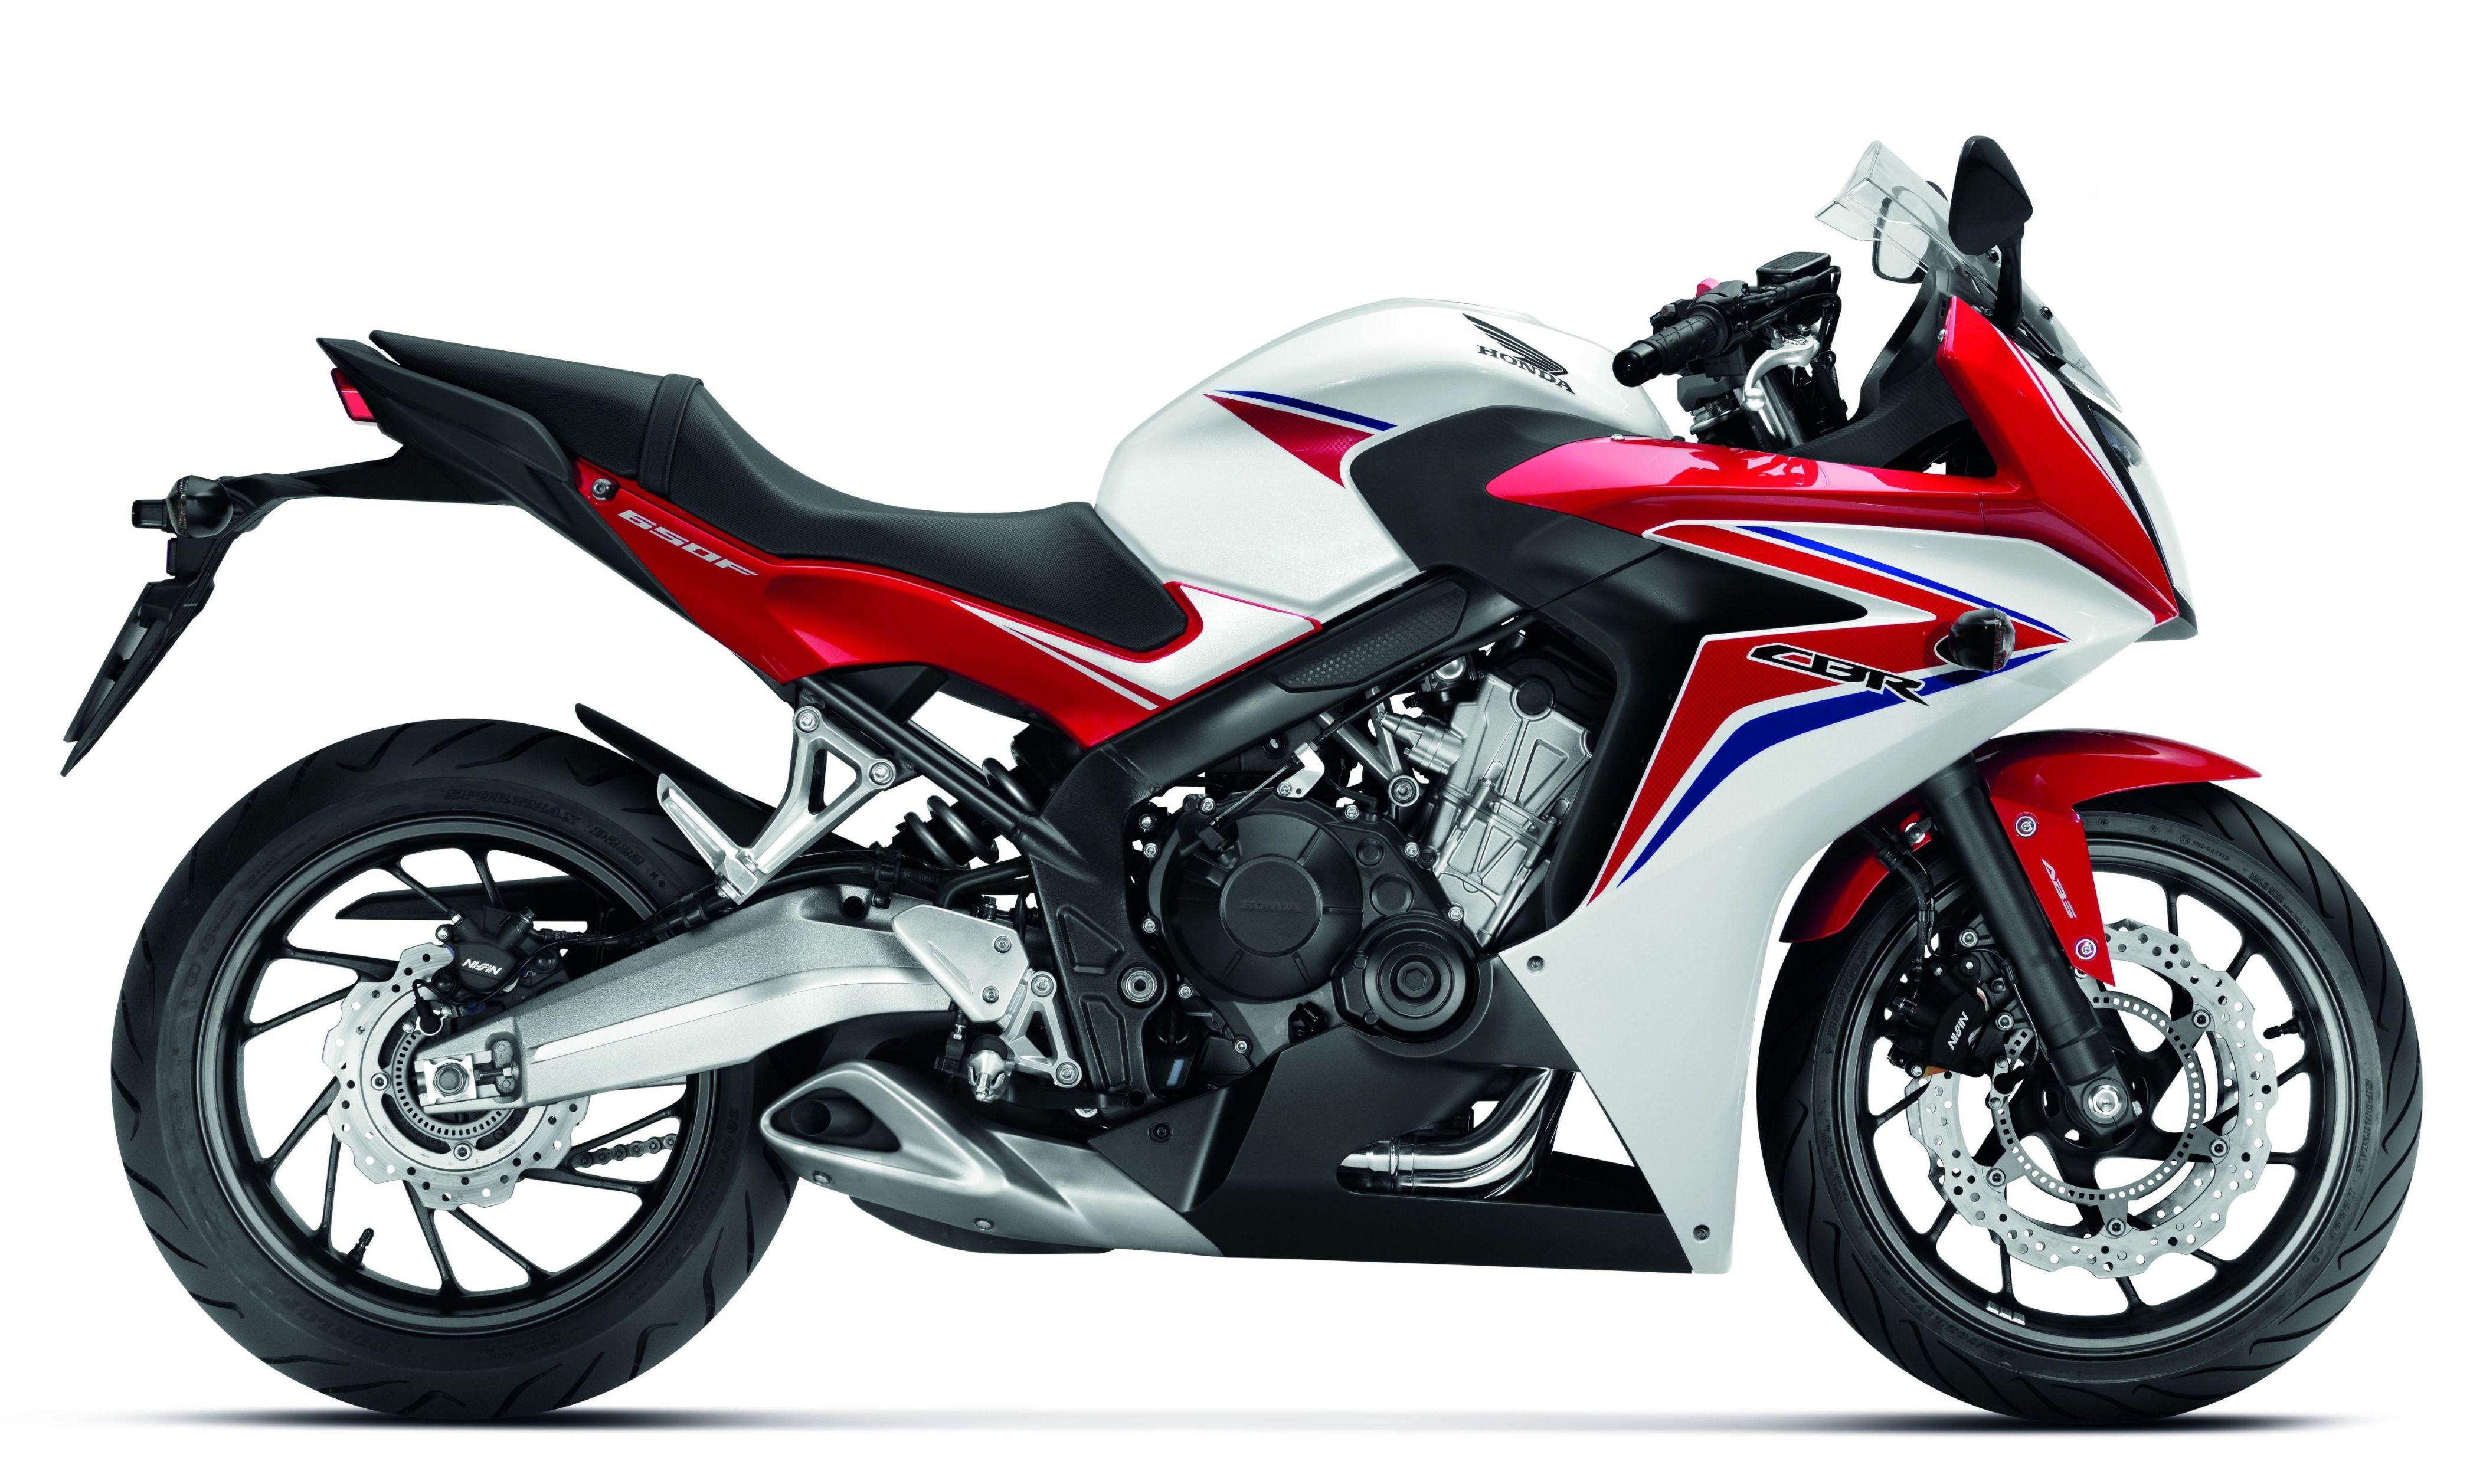 Honda to Showcase CBR 500R, CBR 650R and More At the Auto Expo 2014